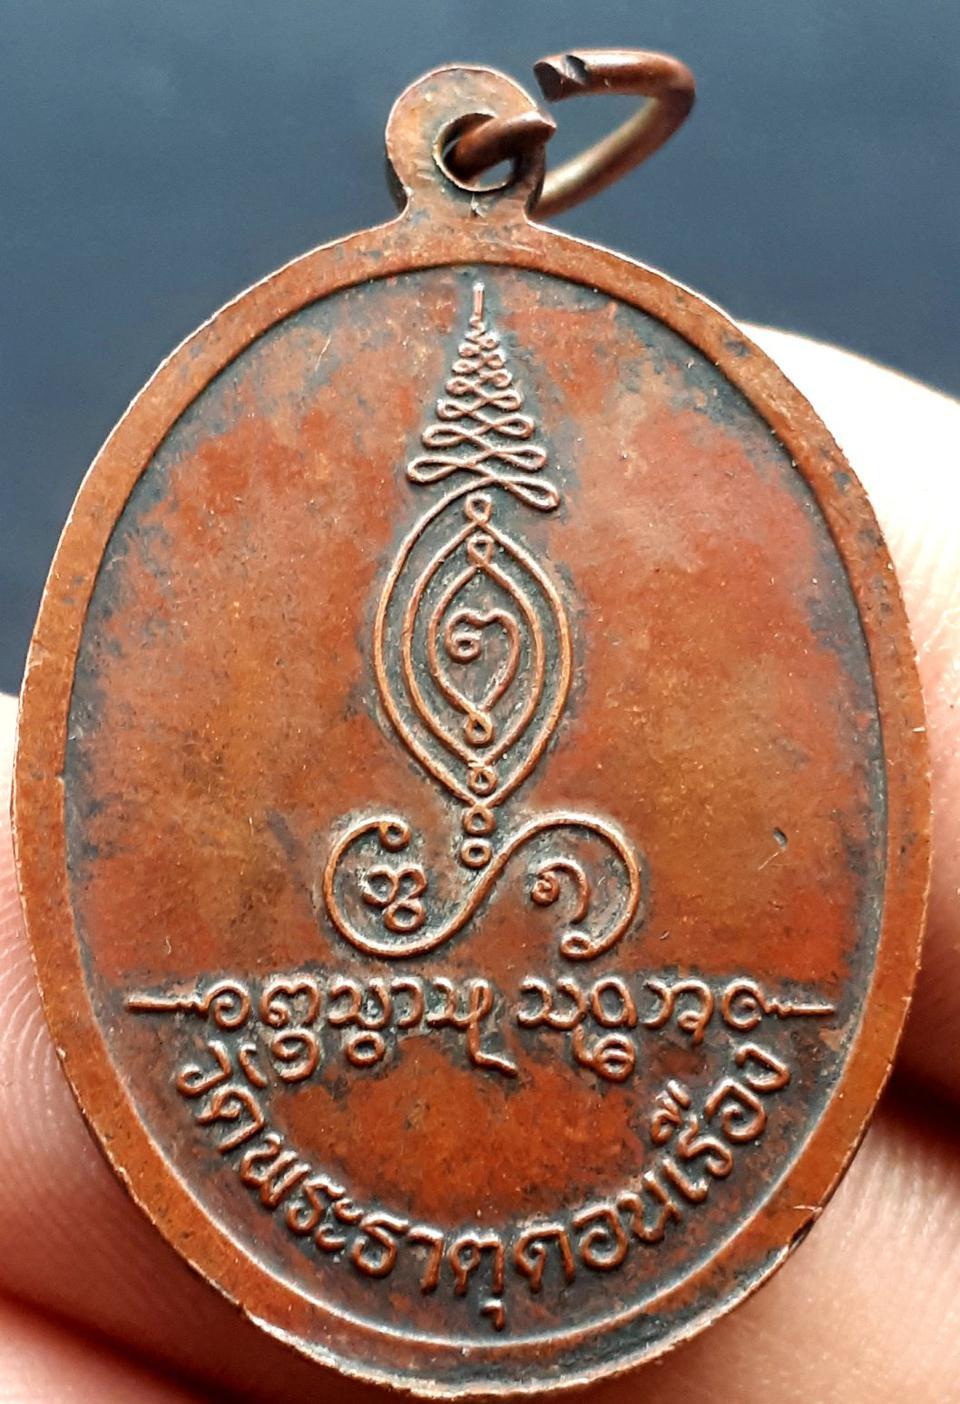 เหรียญพระครูบาบุญชุ่ม  ญาณสํวโร  วัดพระธาตุดอนเรือง  พม่า รูปที่ 1